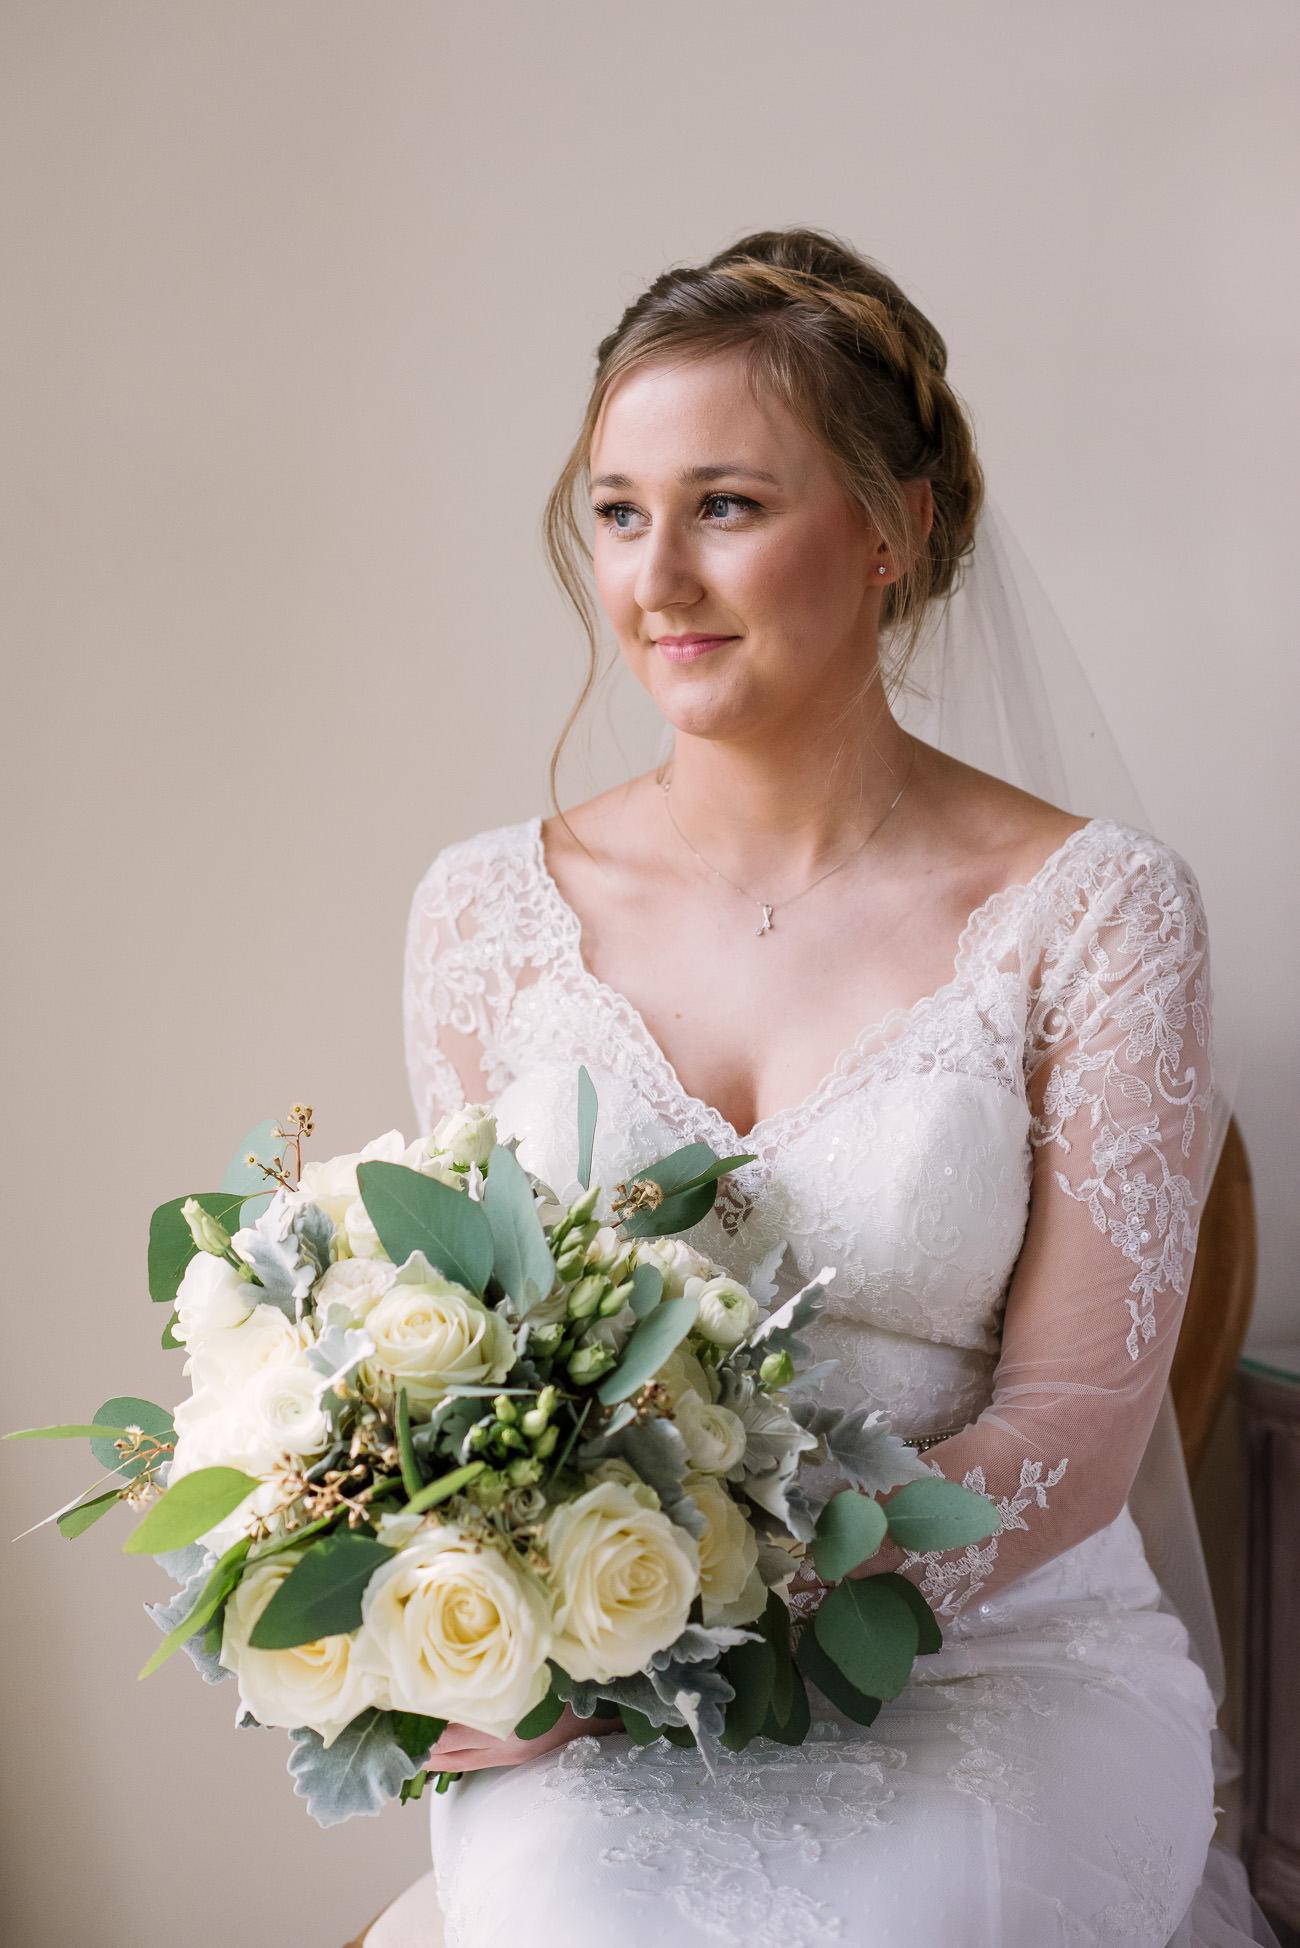 Froyle Park Wedding Photography Bridal Portrait with flower bouquet